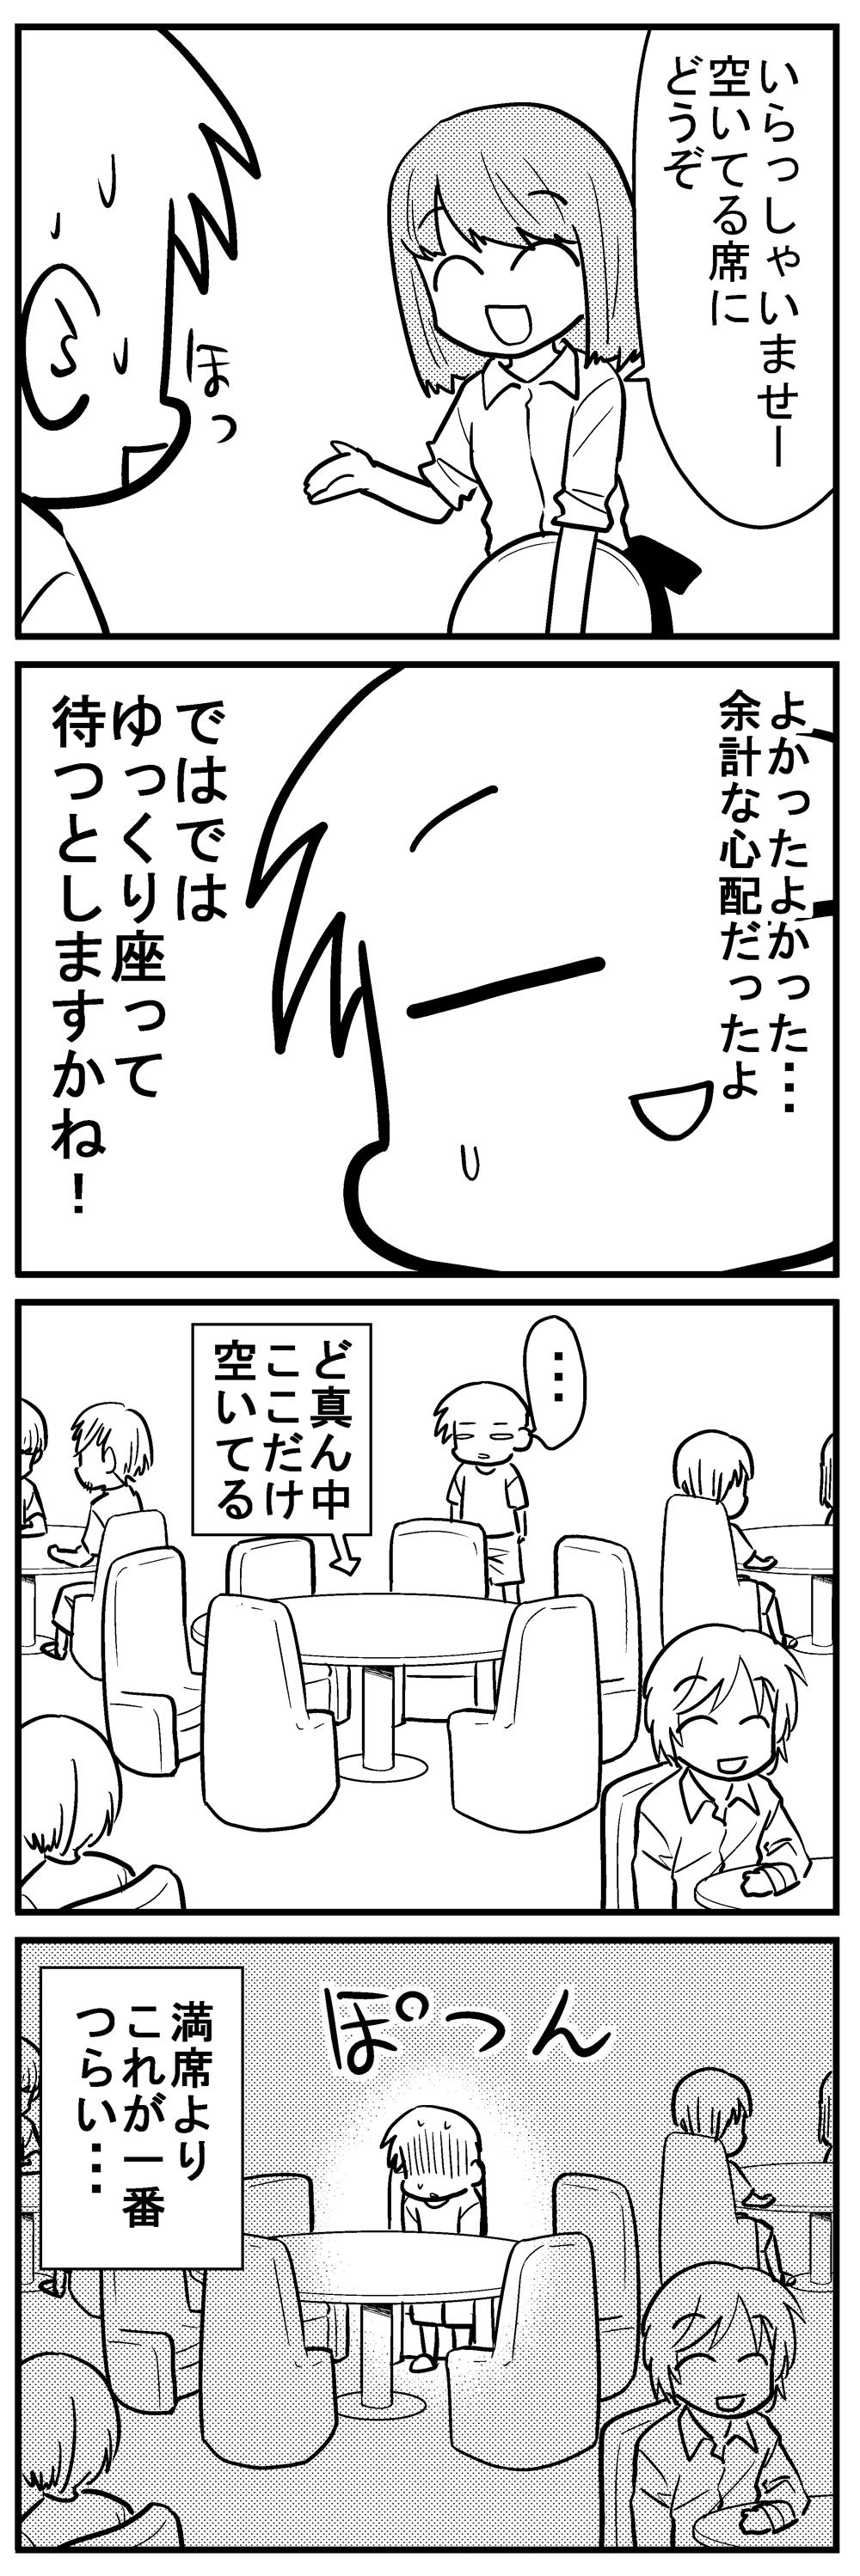 深読みくん69-4